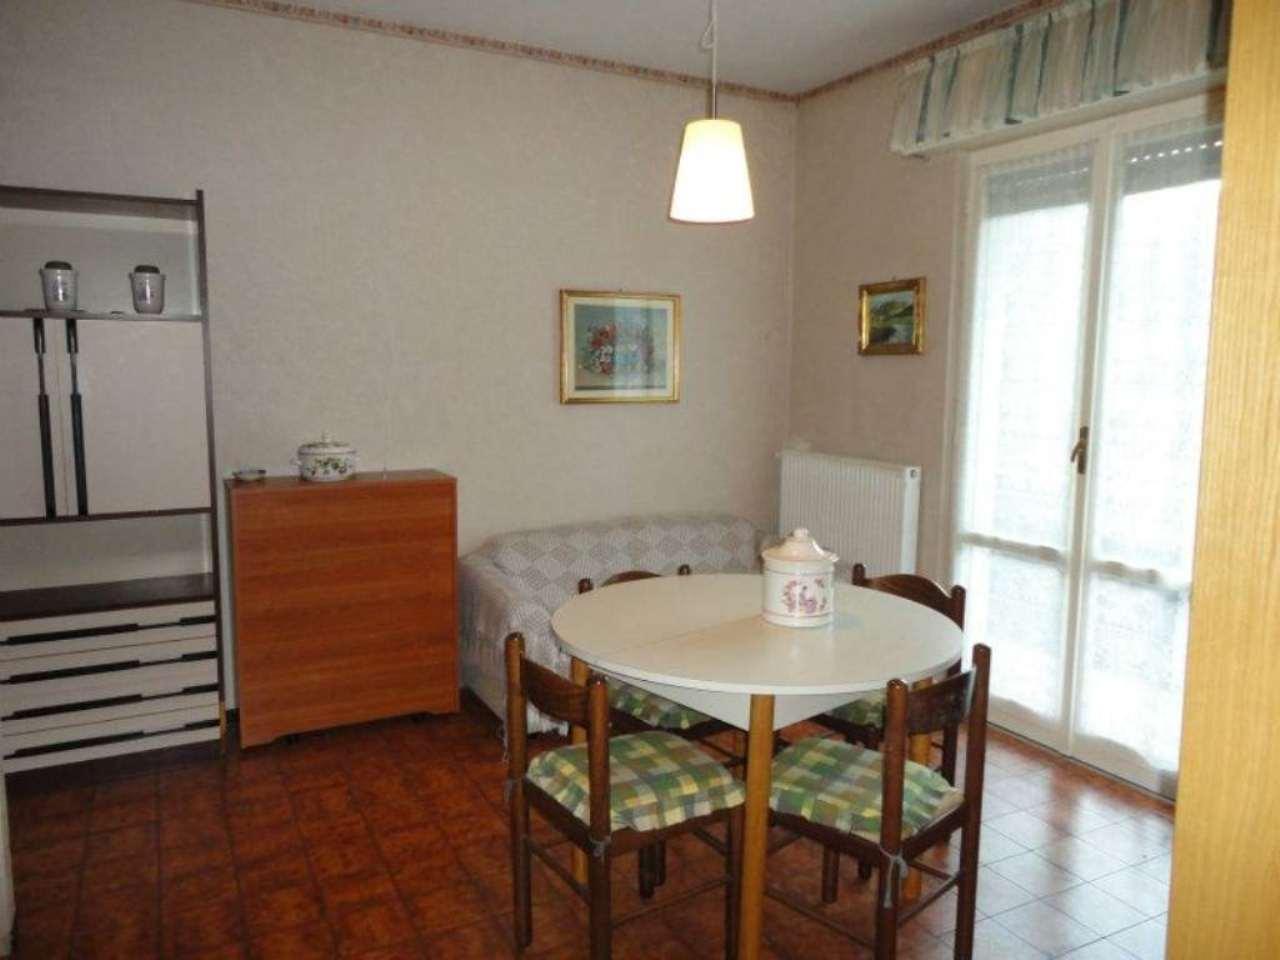 Appartamento in vendita a Moconesi, 3 locali, prezzo € 55.000 | Cambio Casa.it